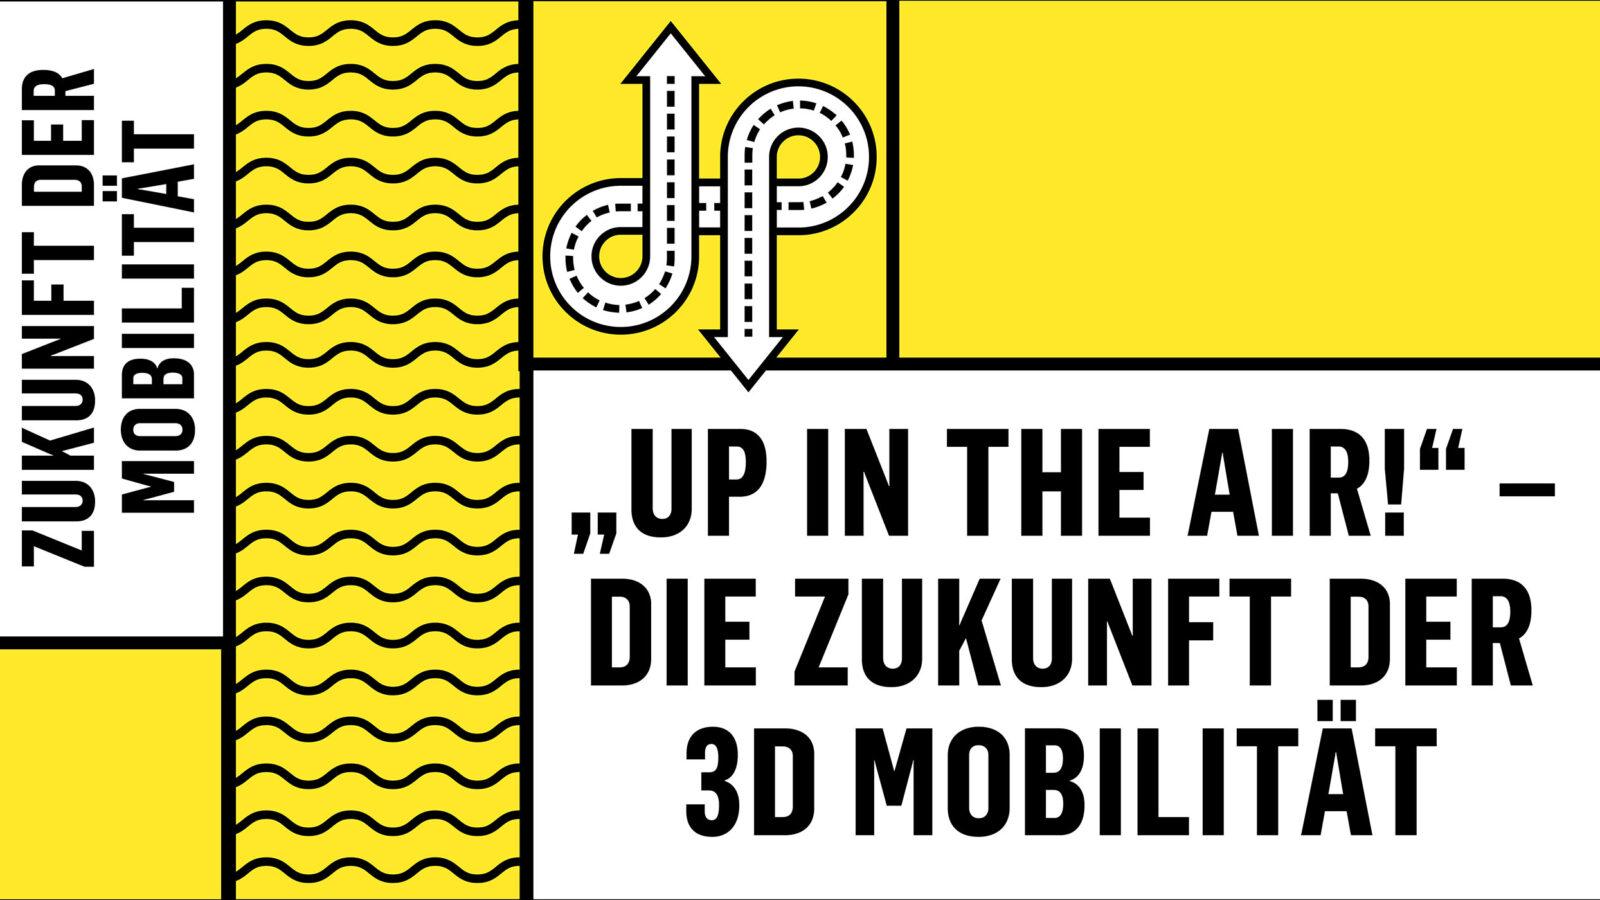 Zukunftsaklademie Zukunft der Mobilität